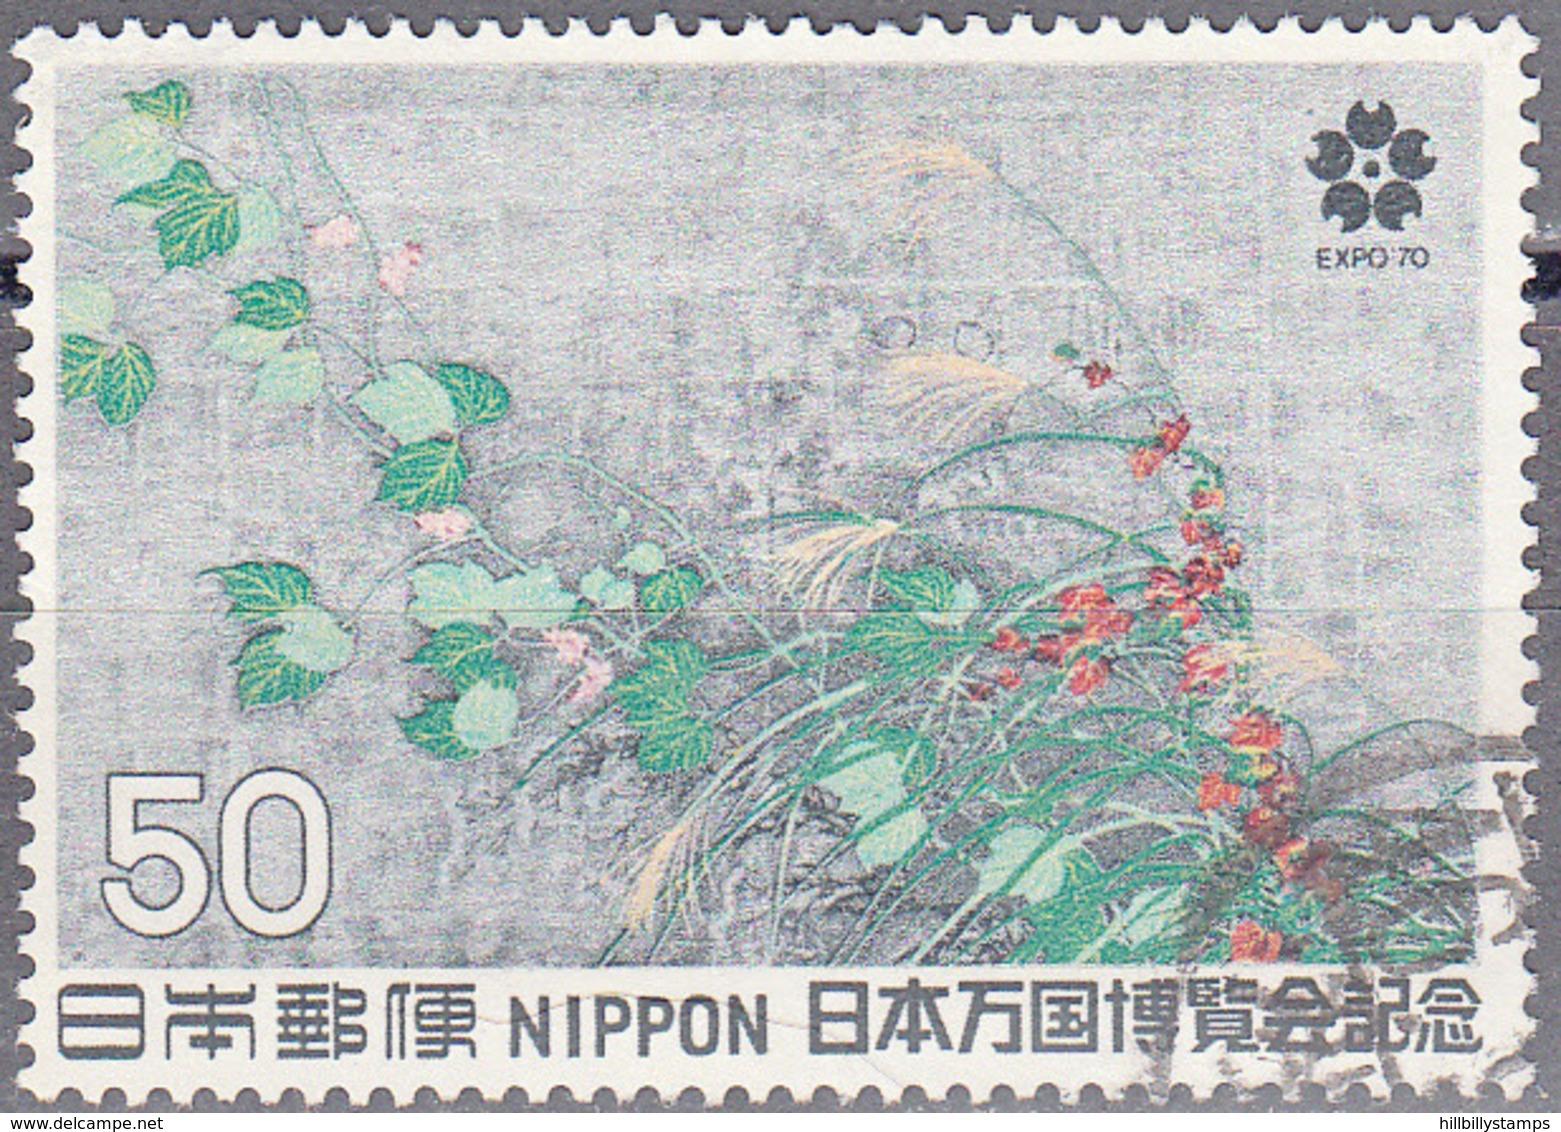 JAPAN    SCOTT NO. 1031     USED      YEAR  1970 - 1926-89 Emperor Hirohito (Showa Era)